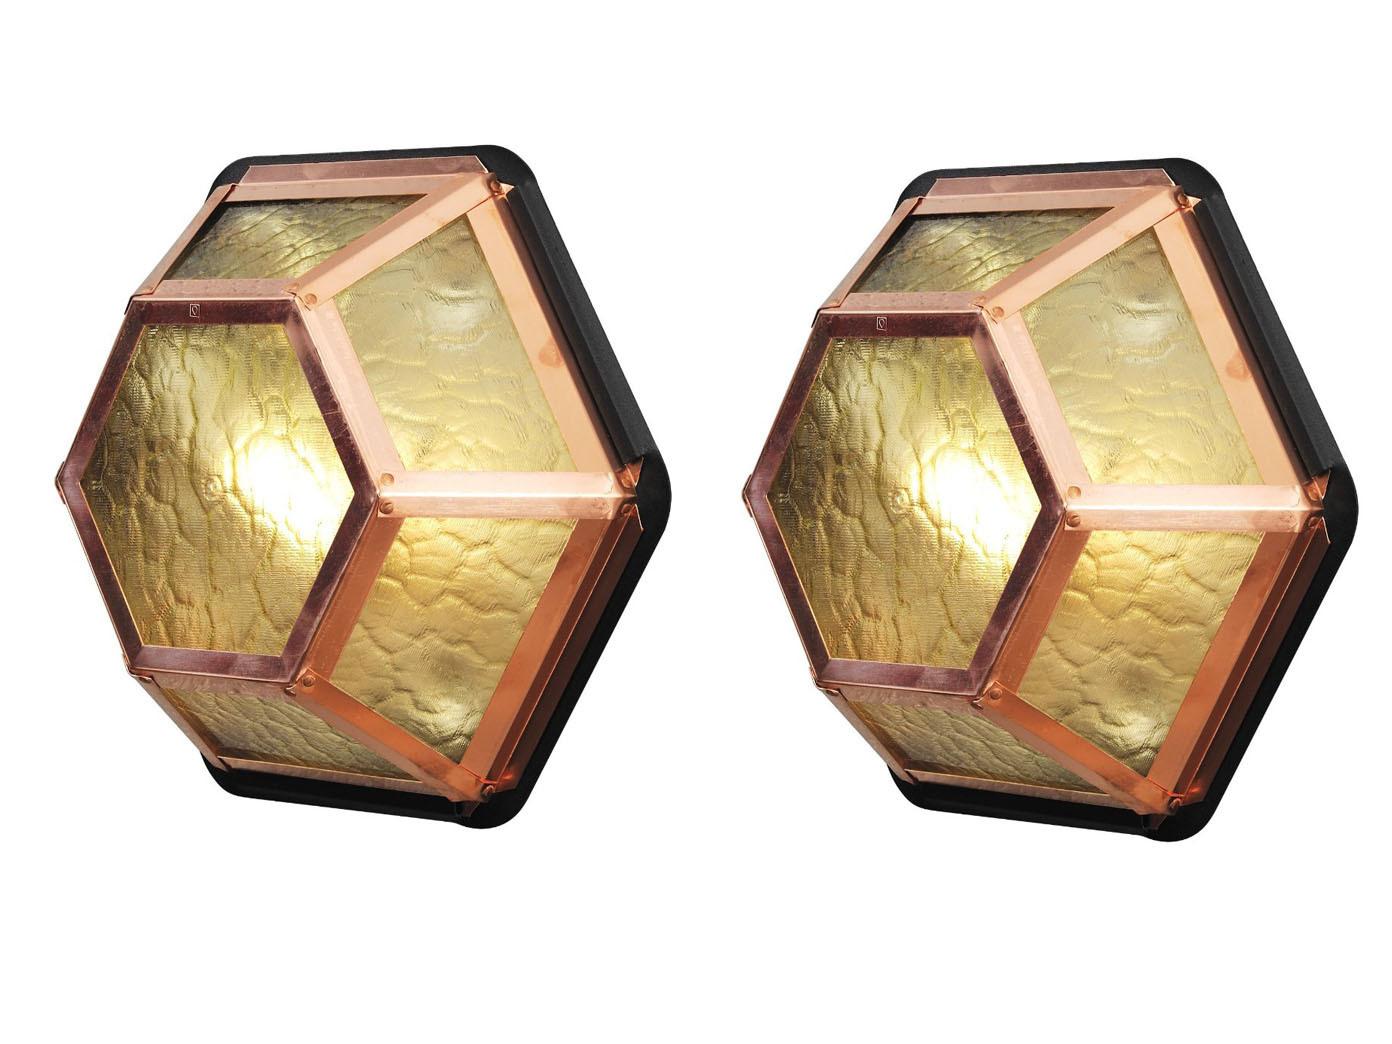 Außenle Kupfer 2er set konstsmide außenleuchte kupfer wandleuchte deckenleuchte